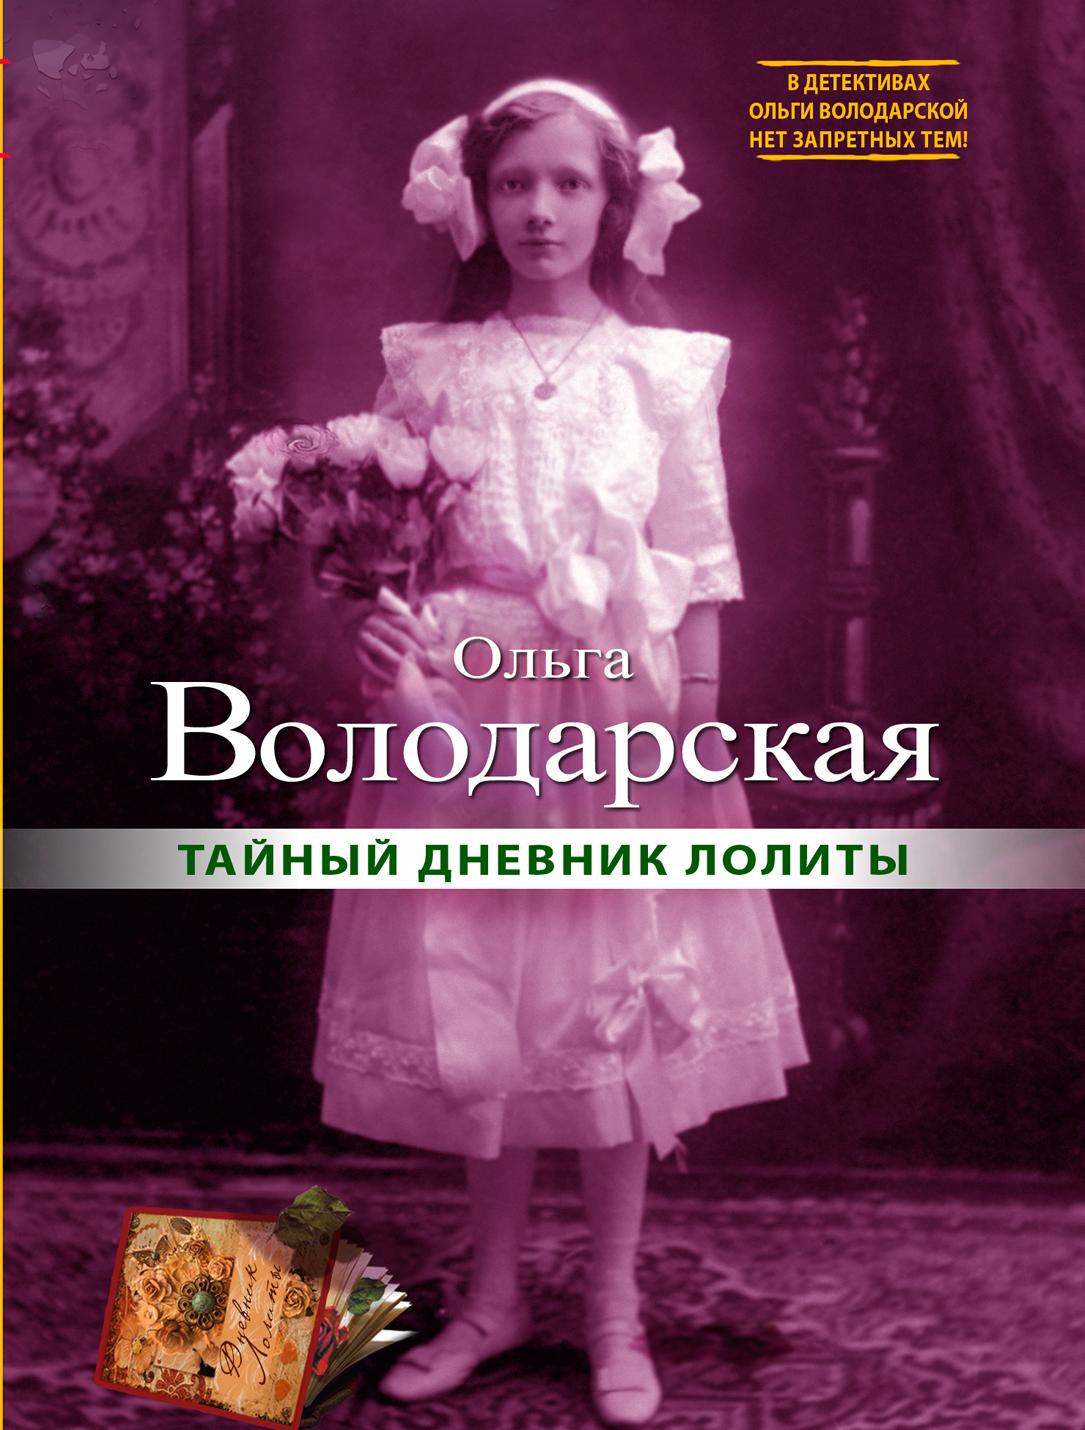 Тайный дневник Лолиты